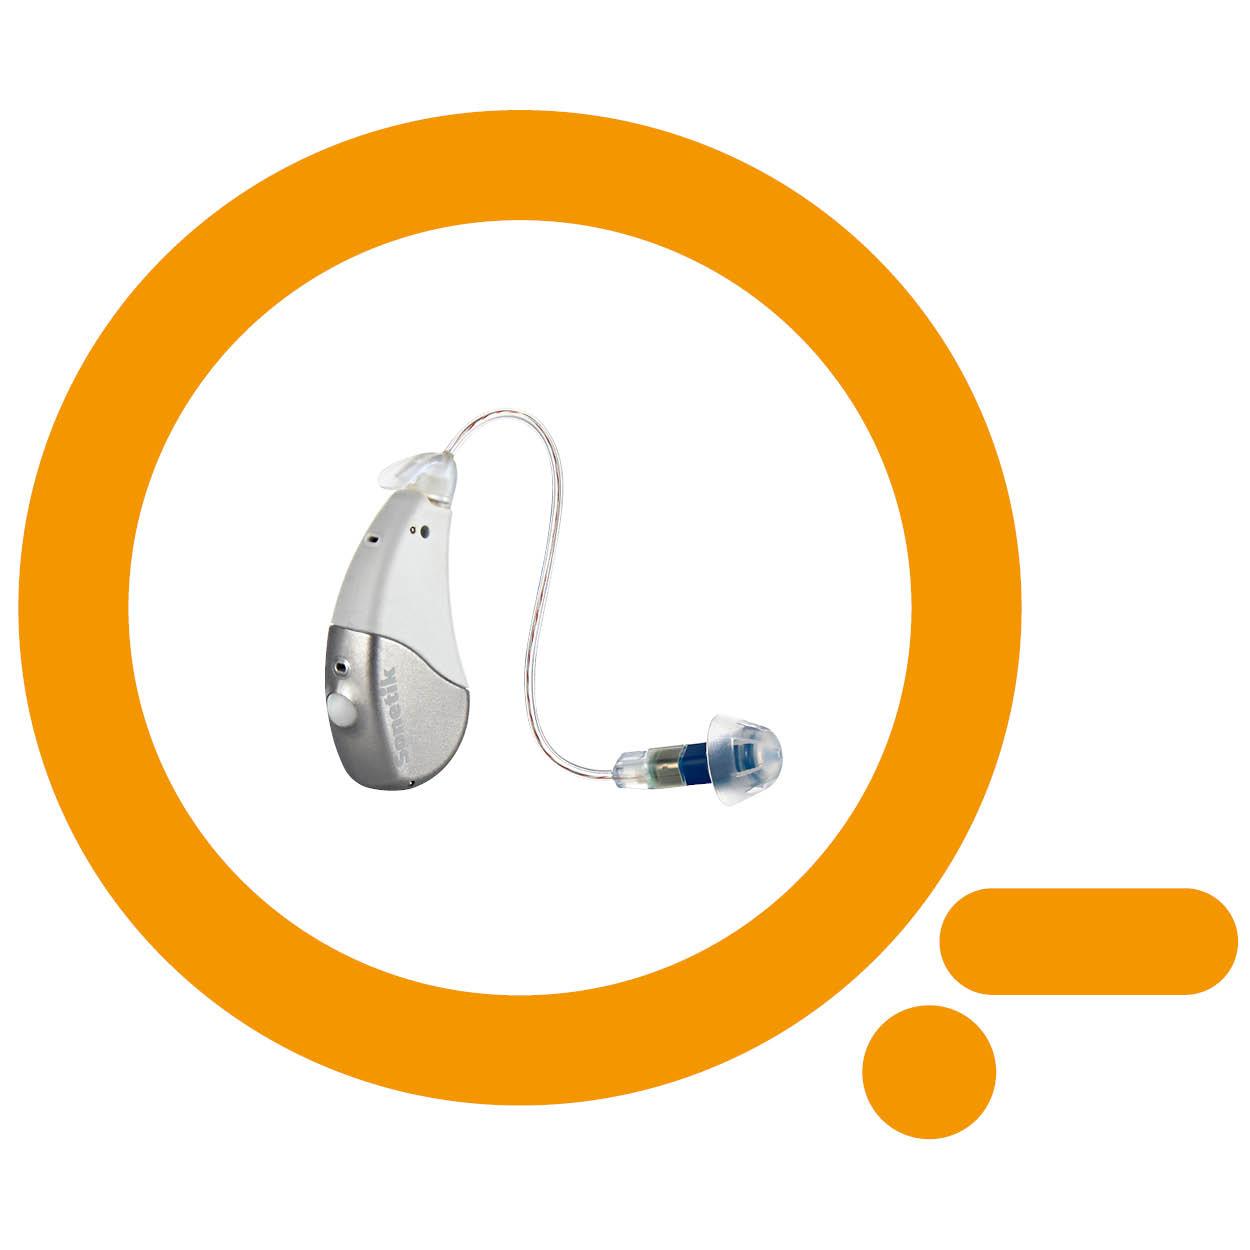 Zahlt die Krankenkasse oder AHV / IV die Kosten für meine Hörgeräte?